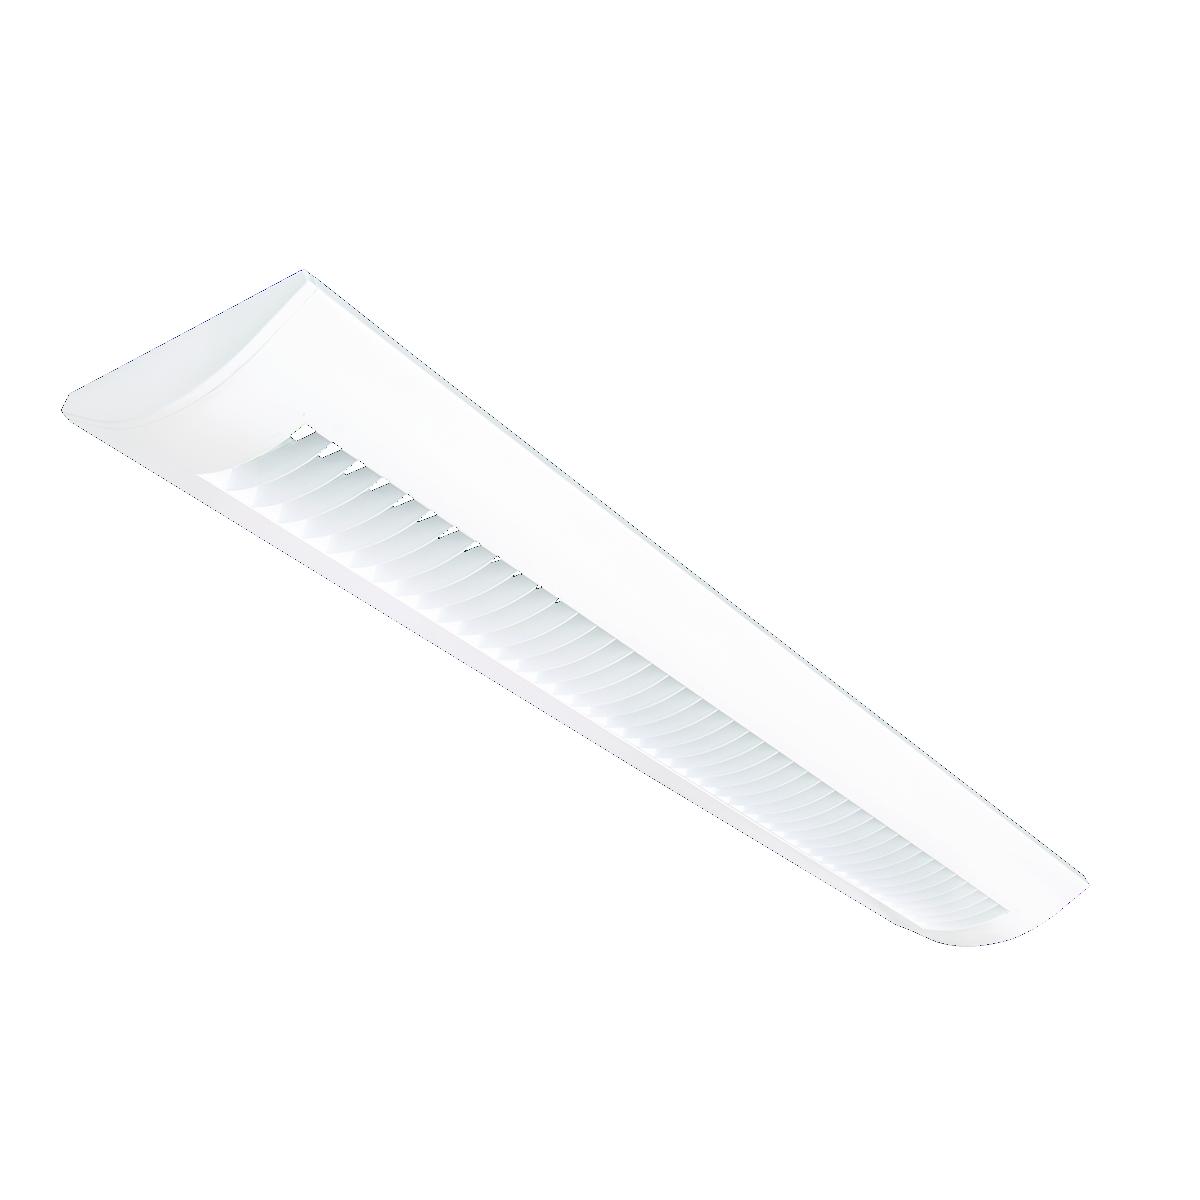 Cvr B Alera Lighting